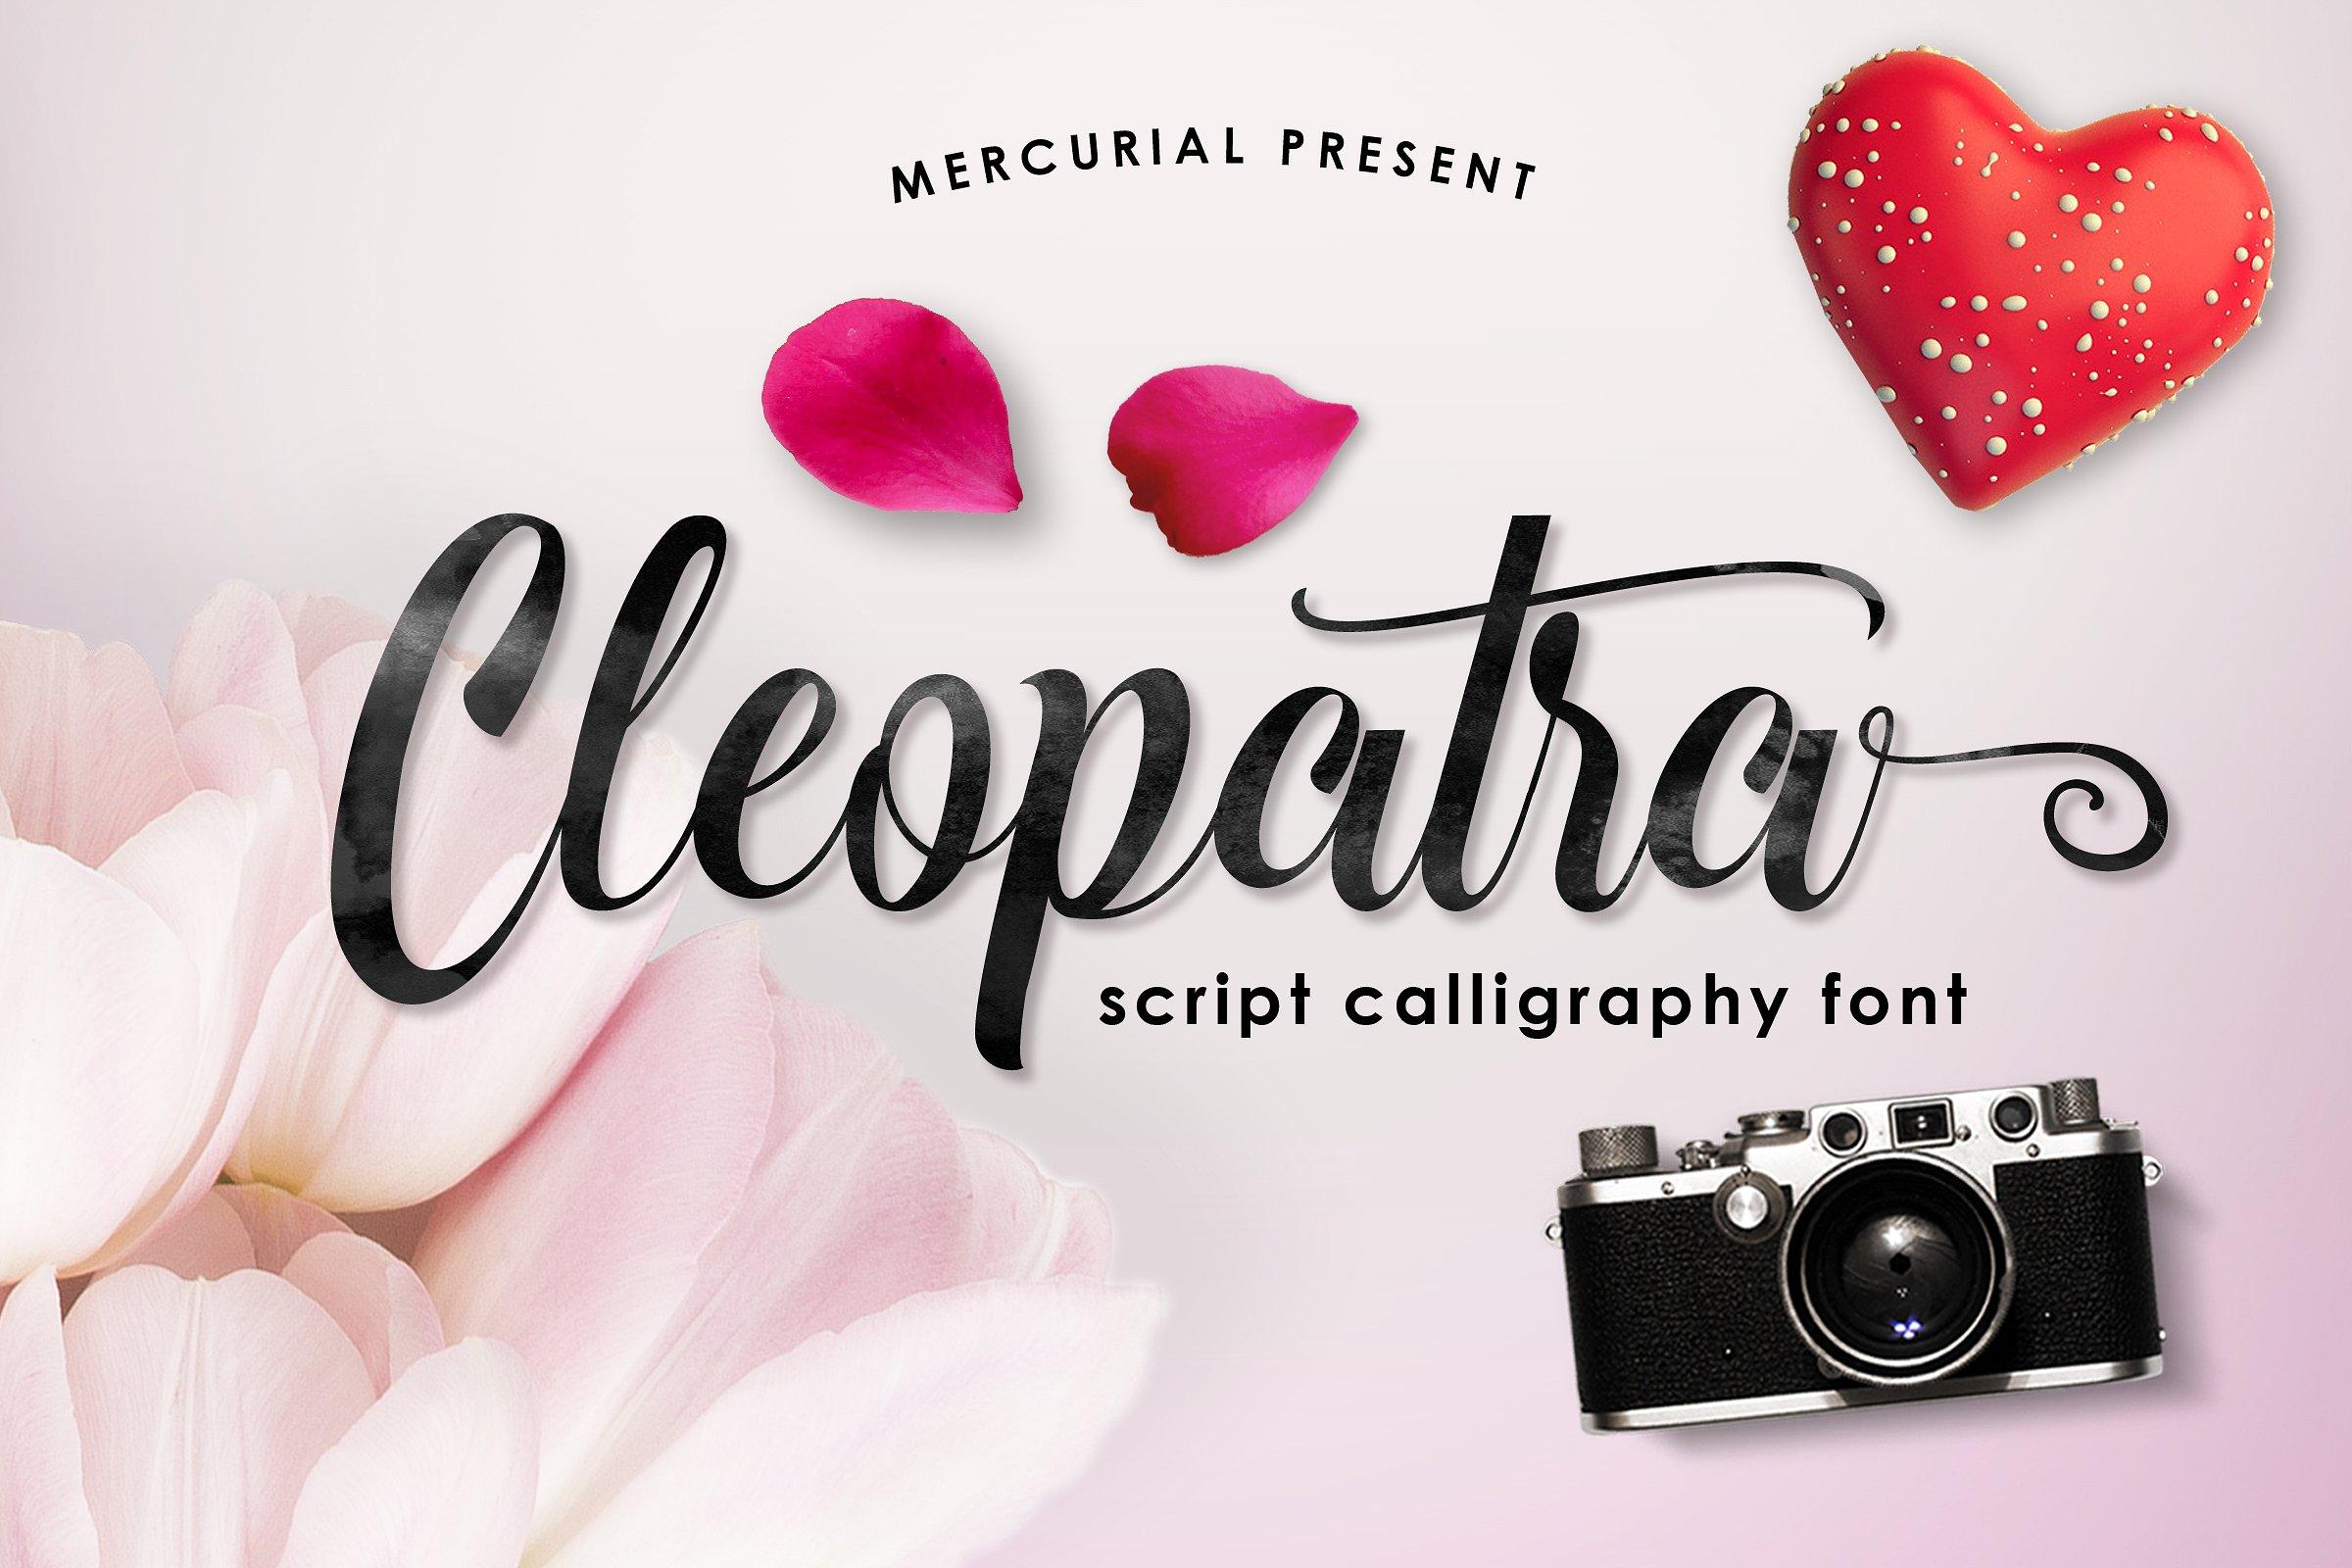 Cleopatra Script